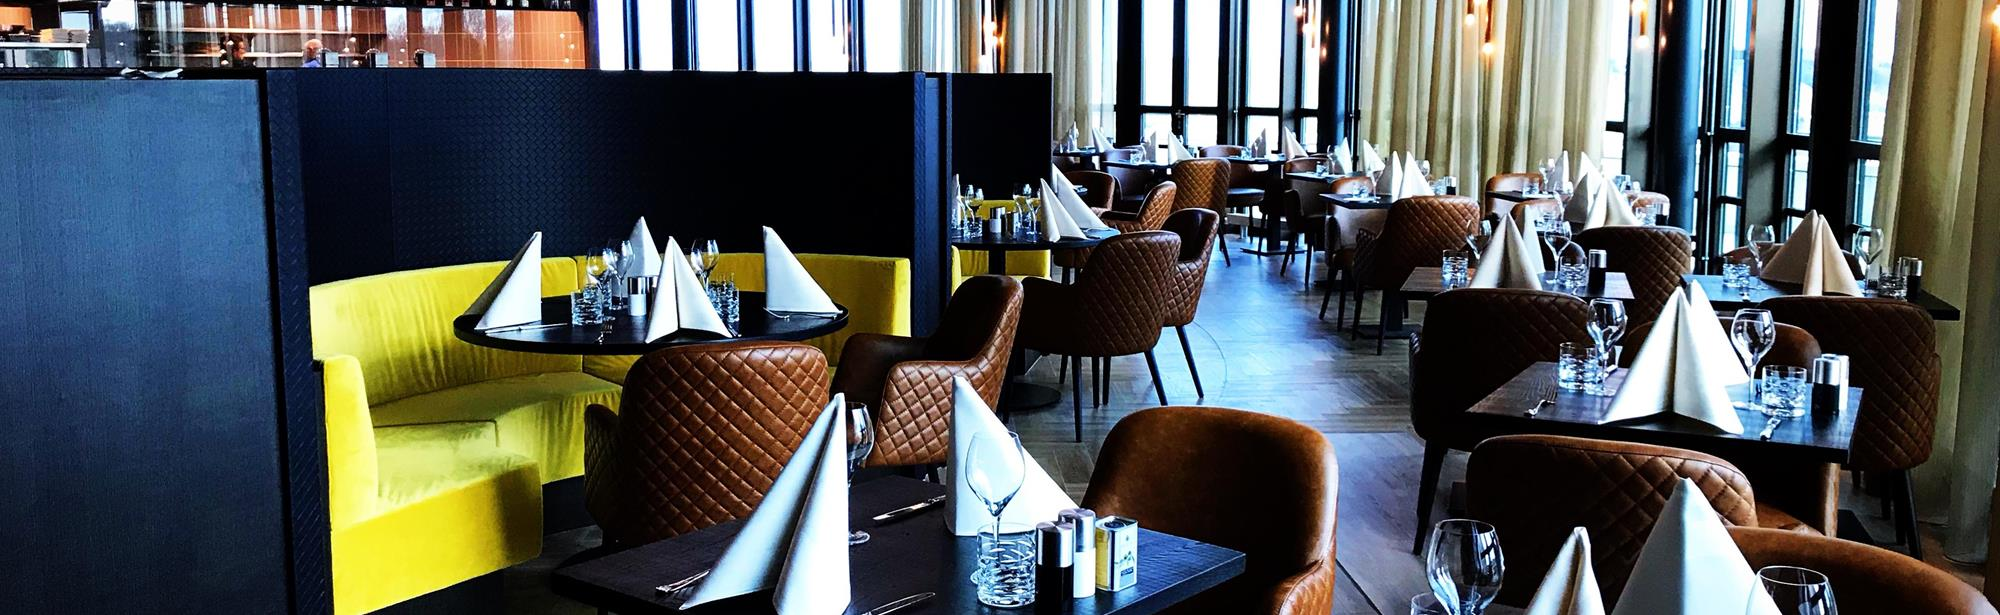 Restaurant Holland Casino Valkenburg aan de Geul